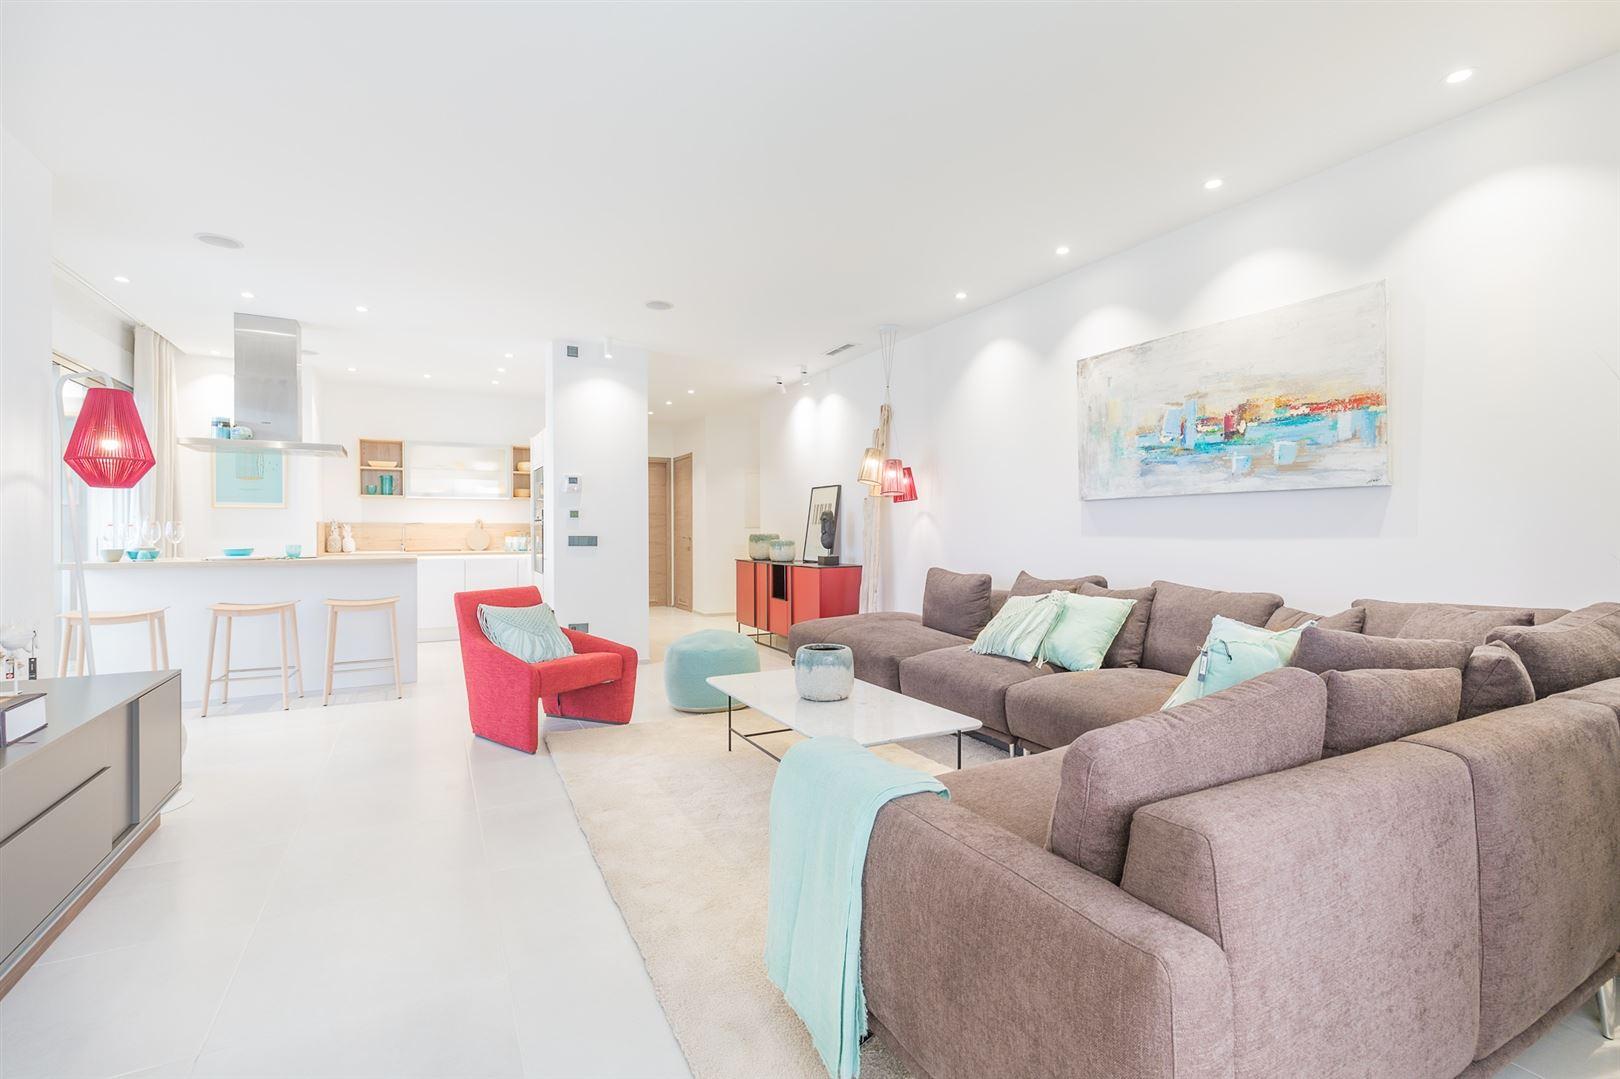 Foto 4 : Appartement te 38632 PALM MAR (Spanje) - Prijs € 450.000